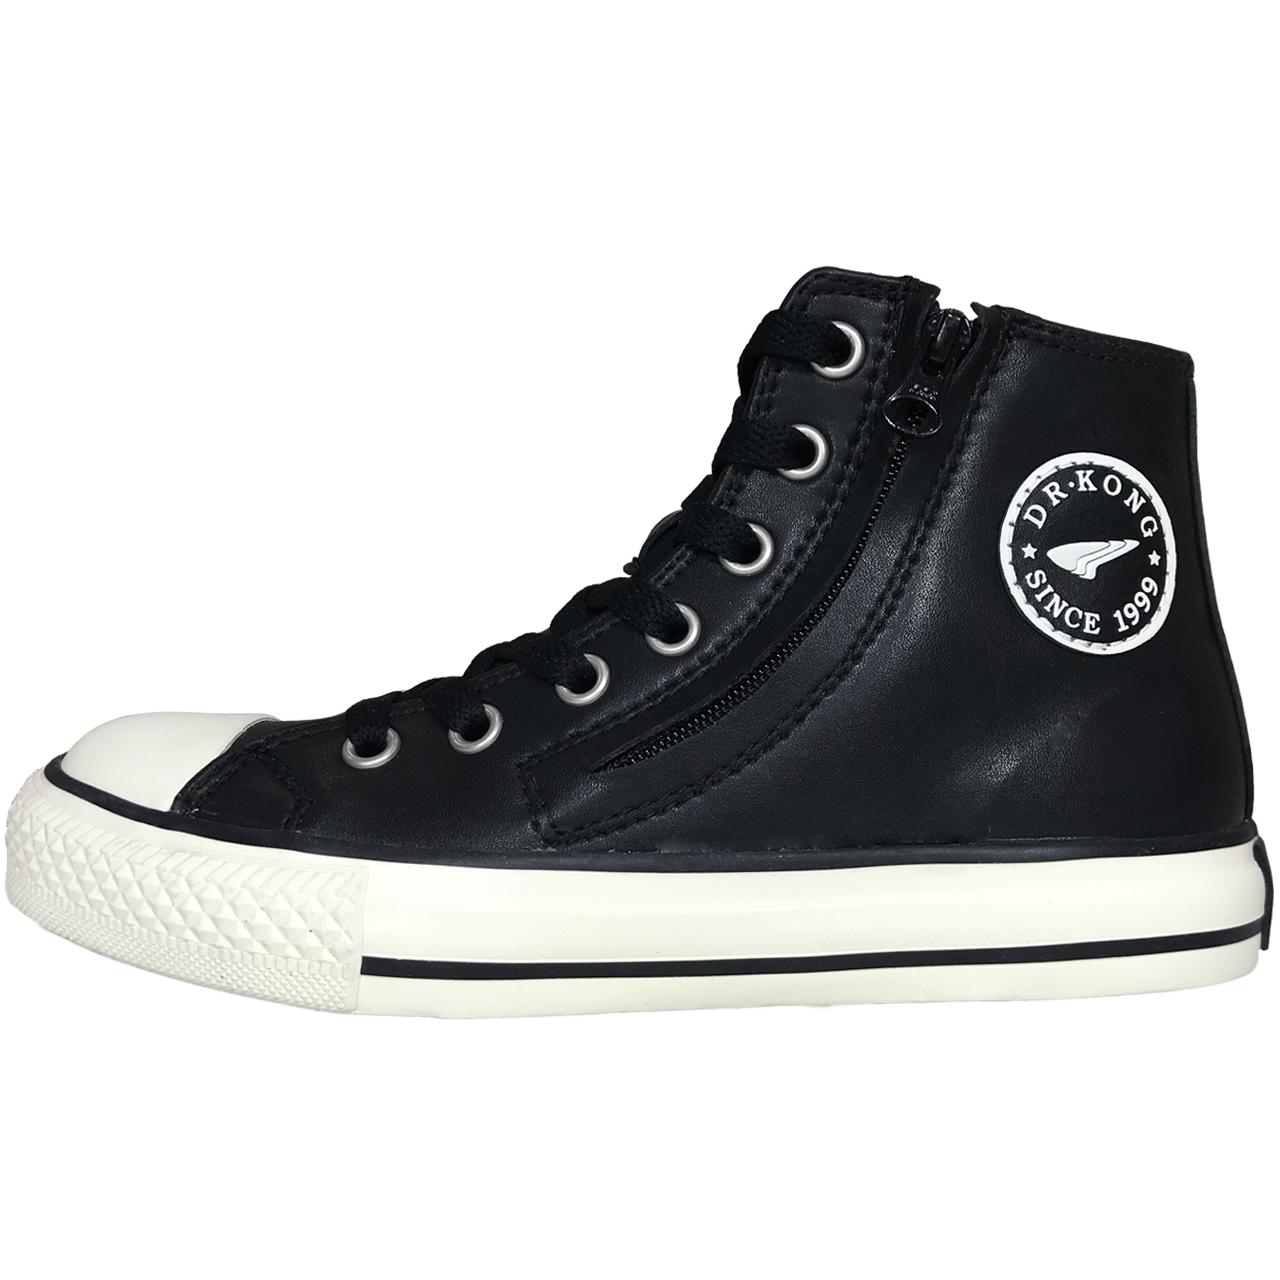 کفش راحتی بچگانه دکتر کنگ کد 1409